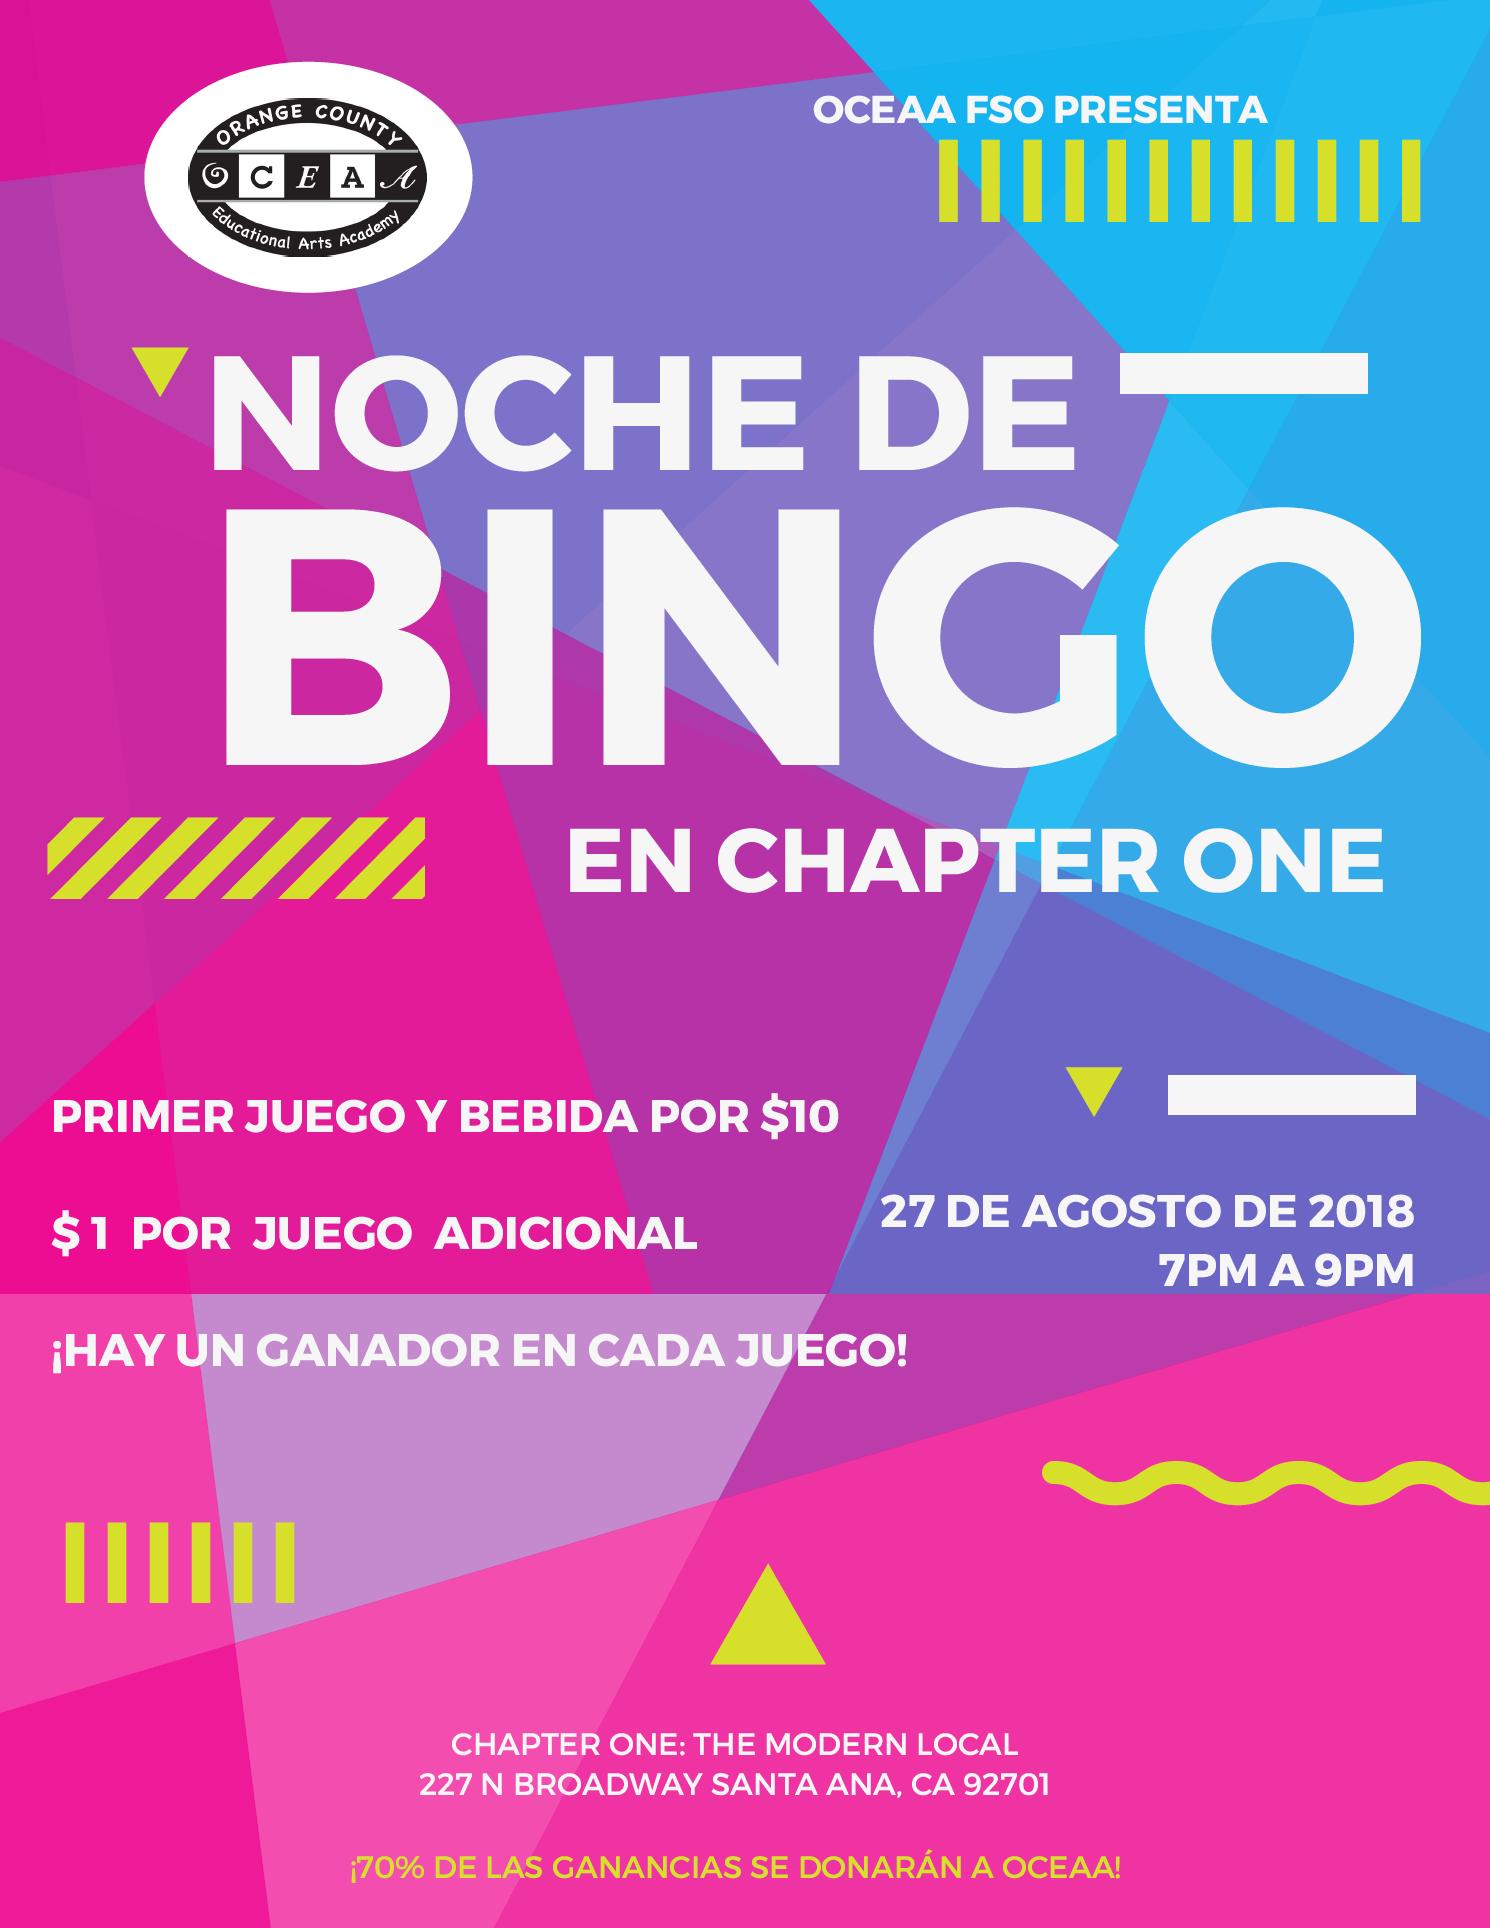 Noche de bingo para una escuela charter en santa ana